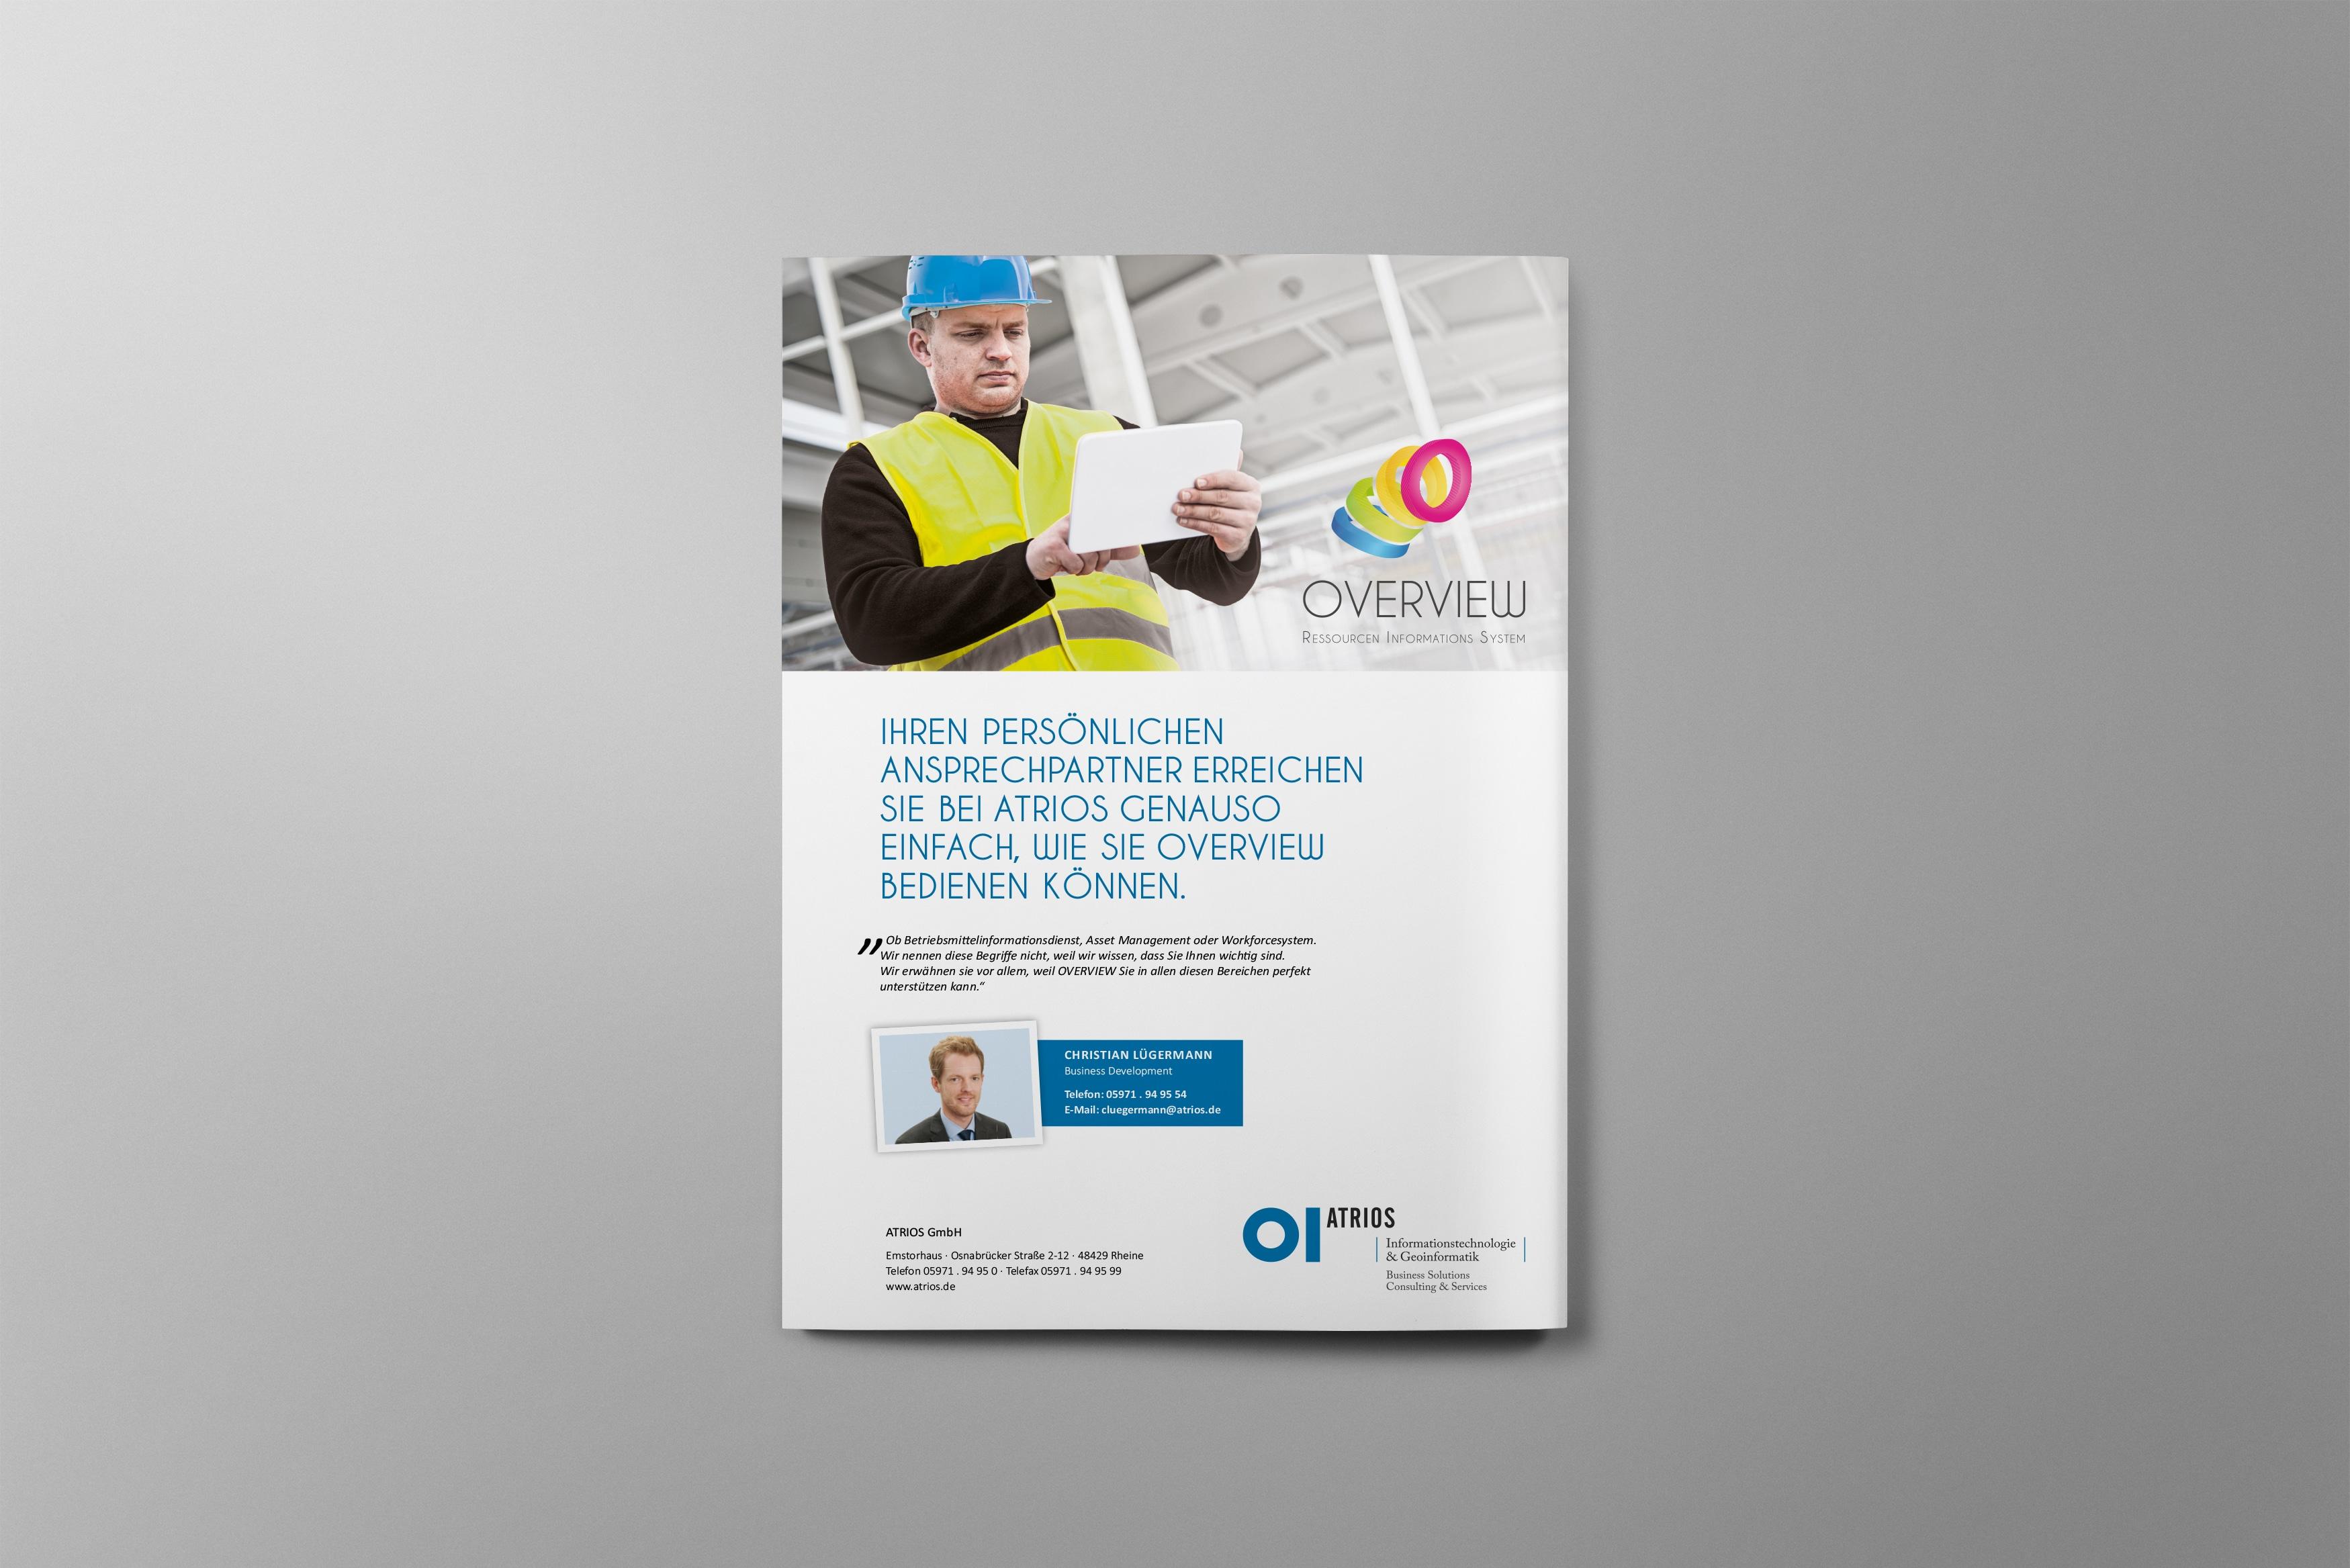 atrios flyer 03 - Werbung auf das Wesentliche fokussiert – Corporate Design, Grafikdesign, Kommunikationsdesign, Editorial Design